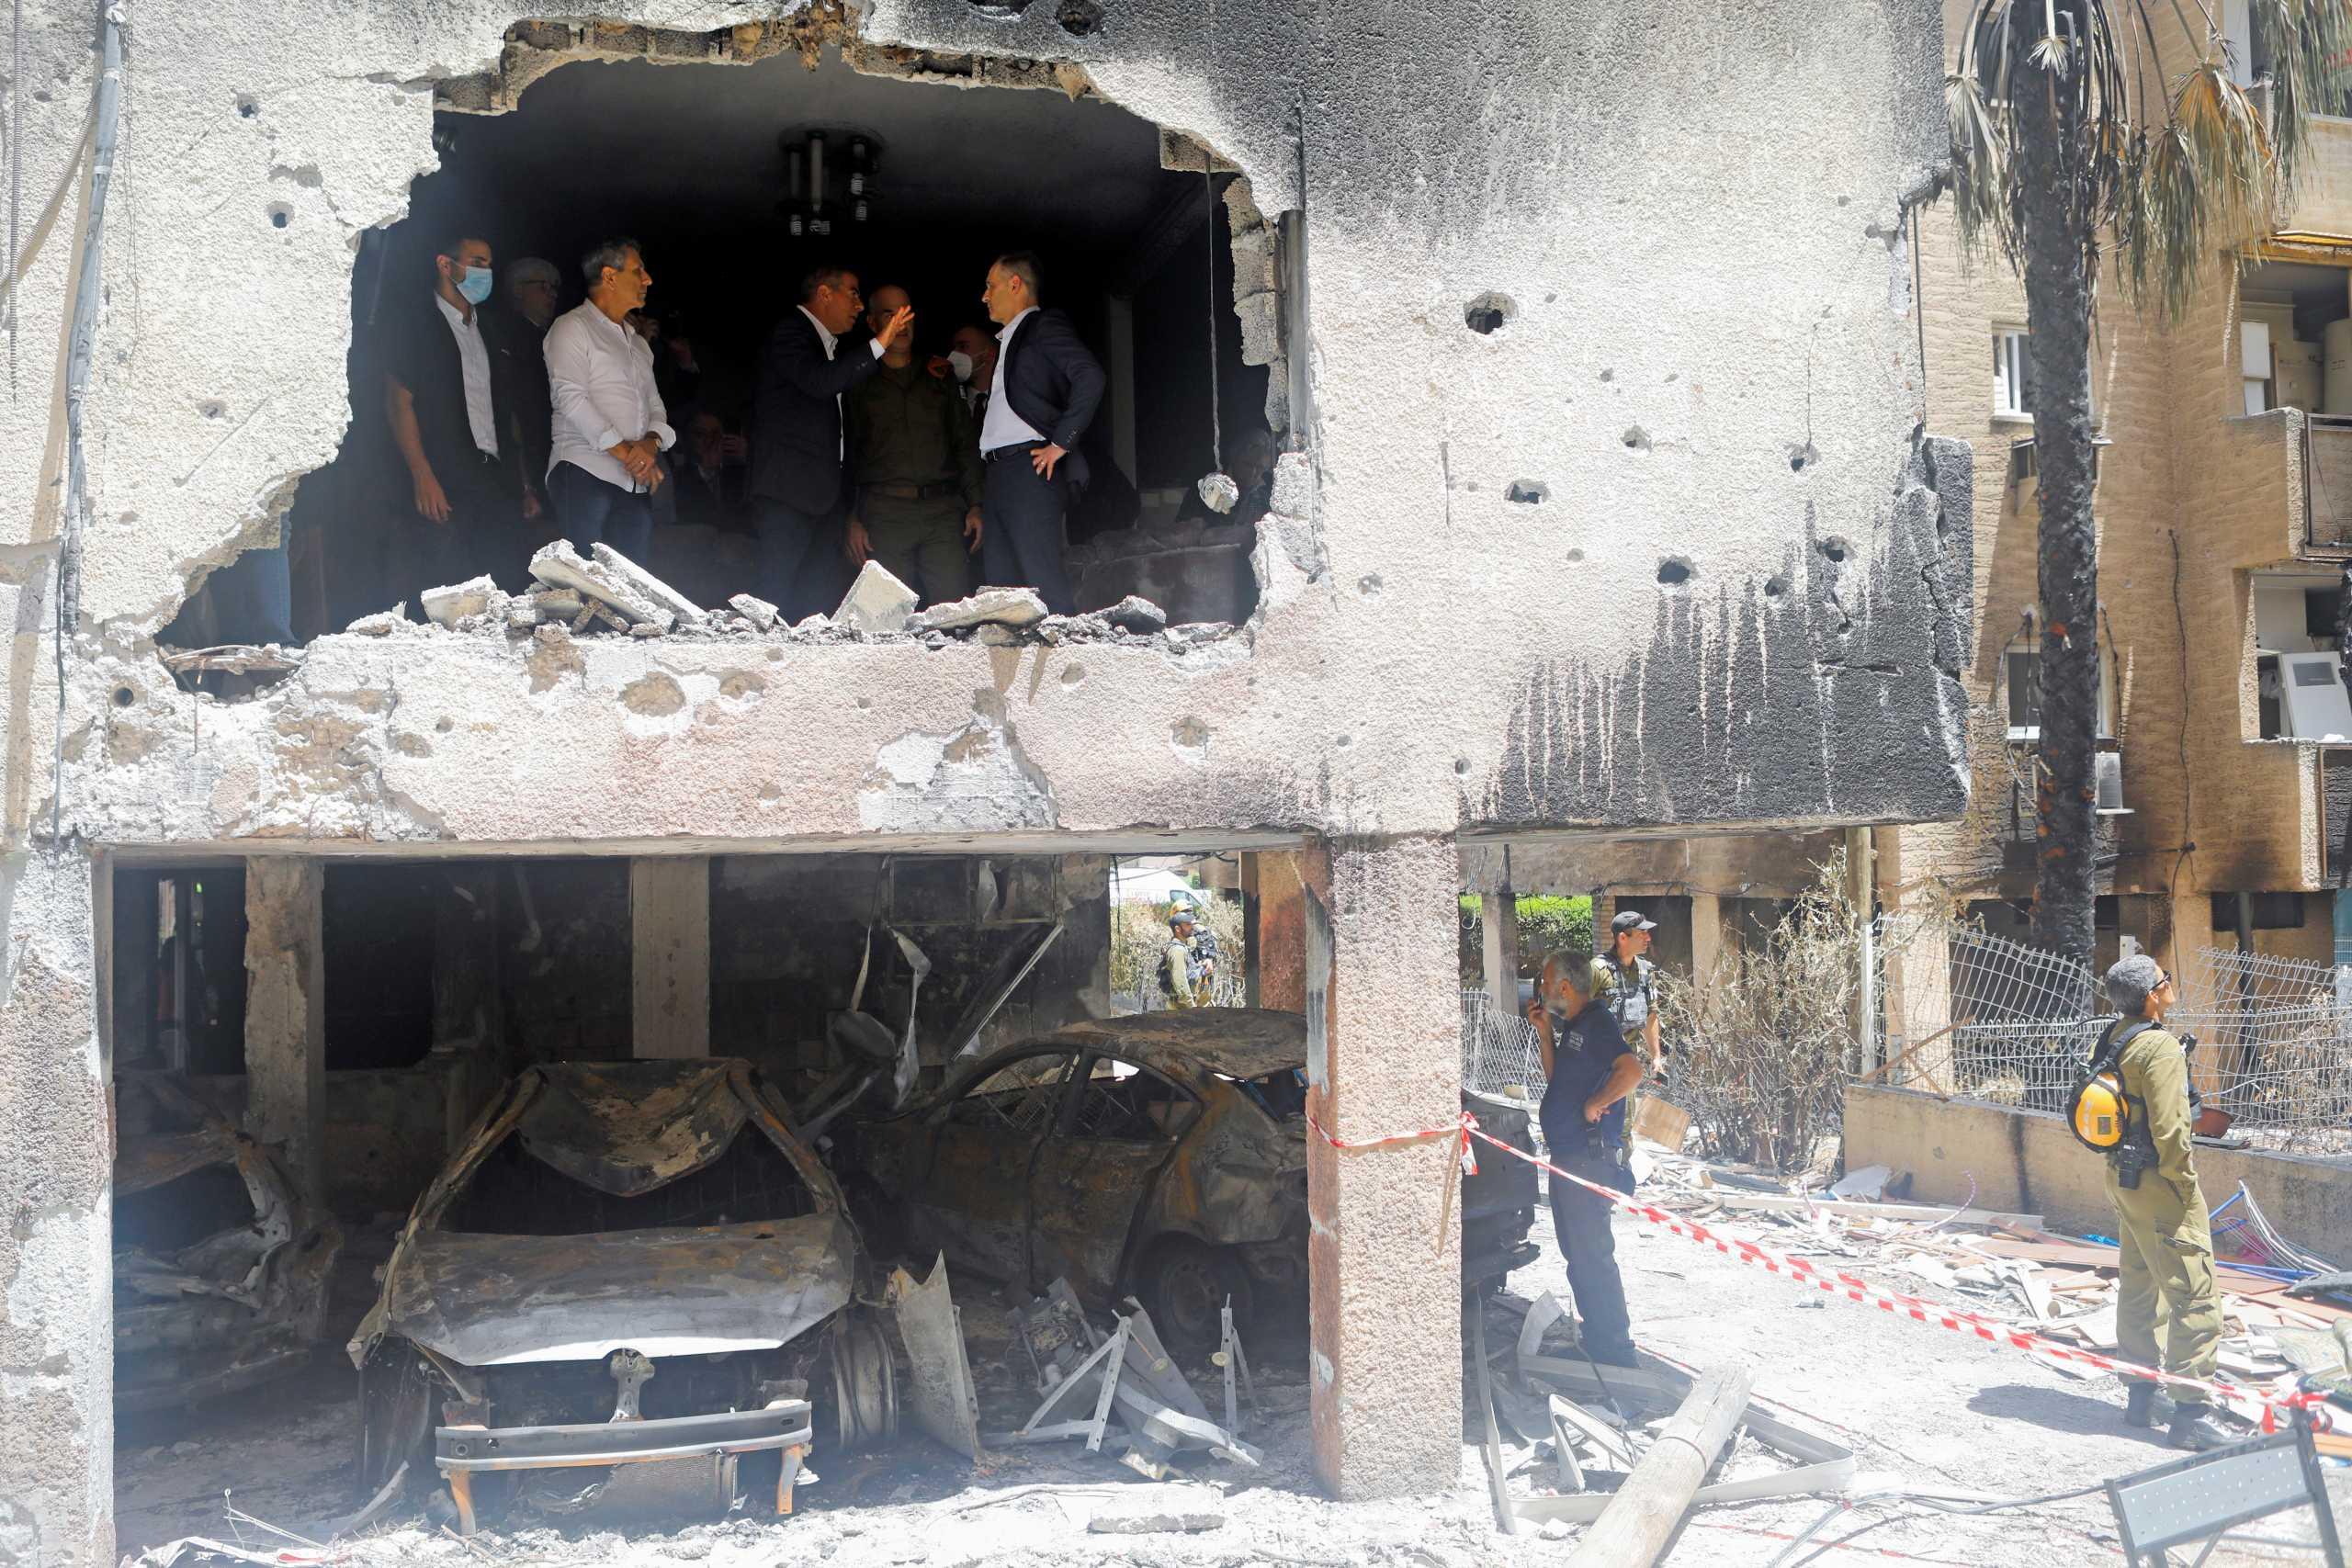 Λωρίδα της Γάζας: Σκοτώθηκε οικογένεια με ανάπηρο πατέρα, έγκυο μητέρα και 3χρονο κοριτσάκι[photos]